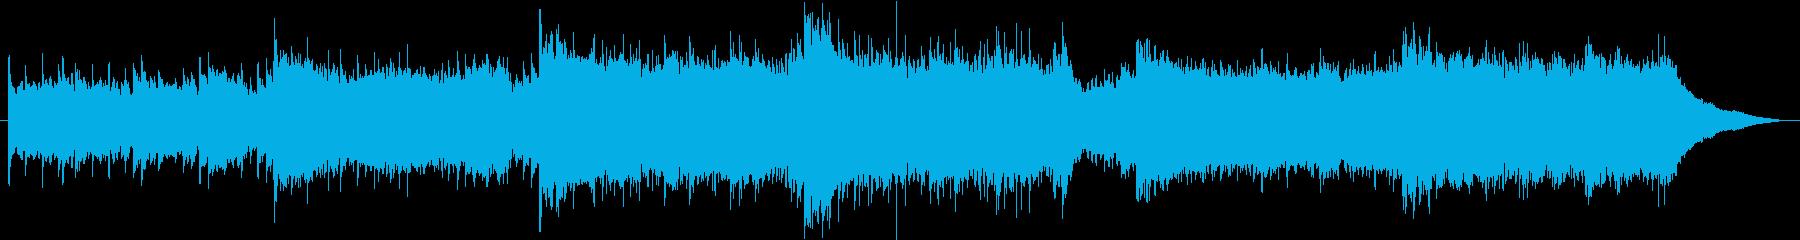 非常に劇的で継続的にオーケストラ音楽の再生済みの波形